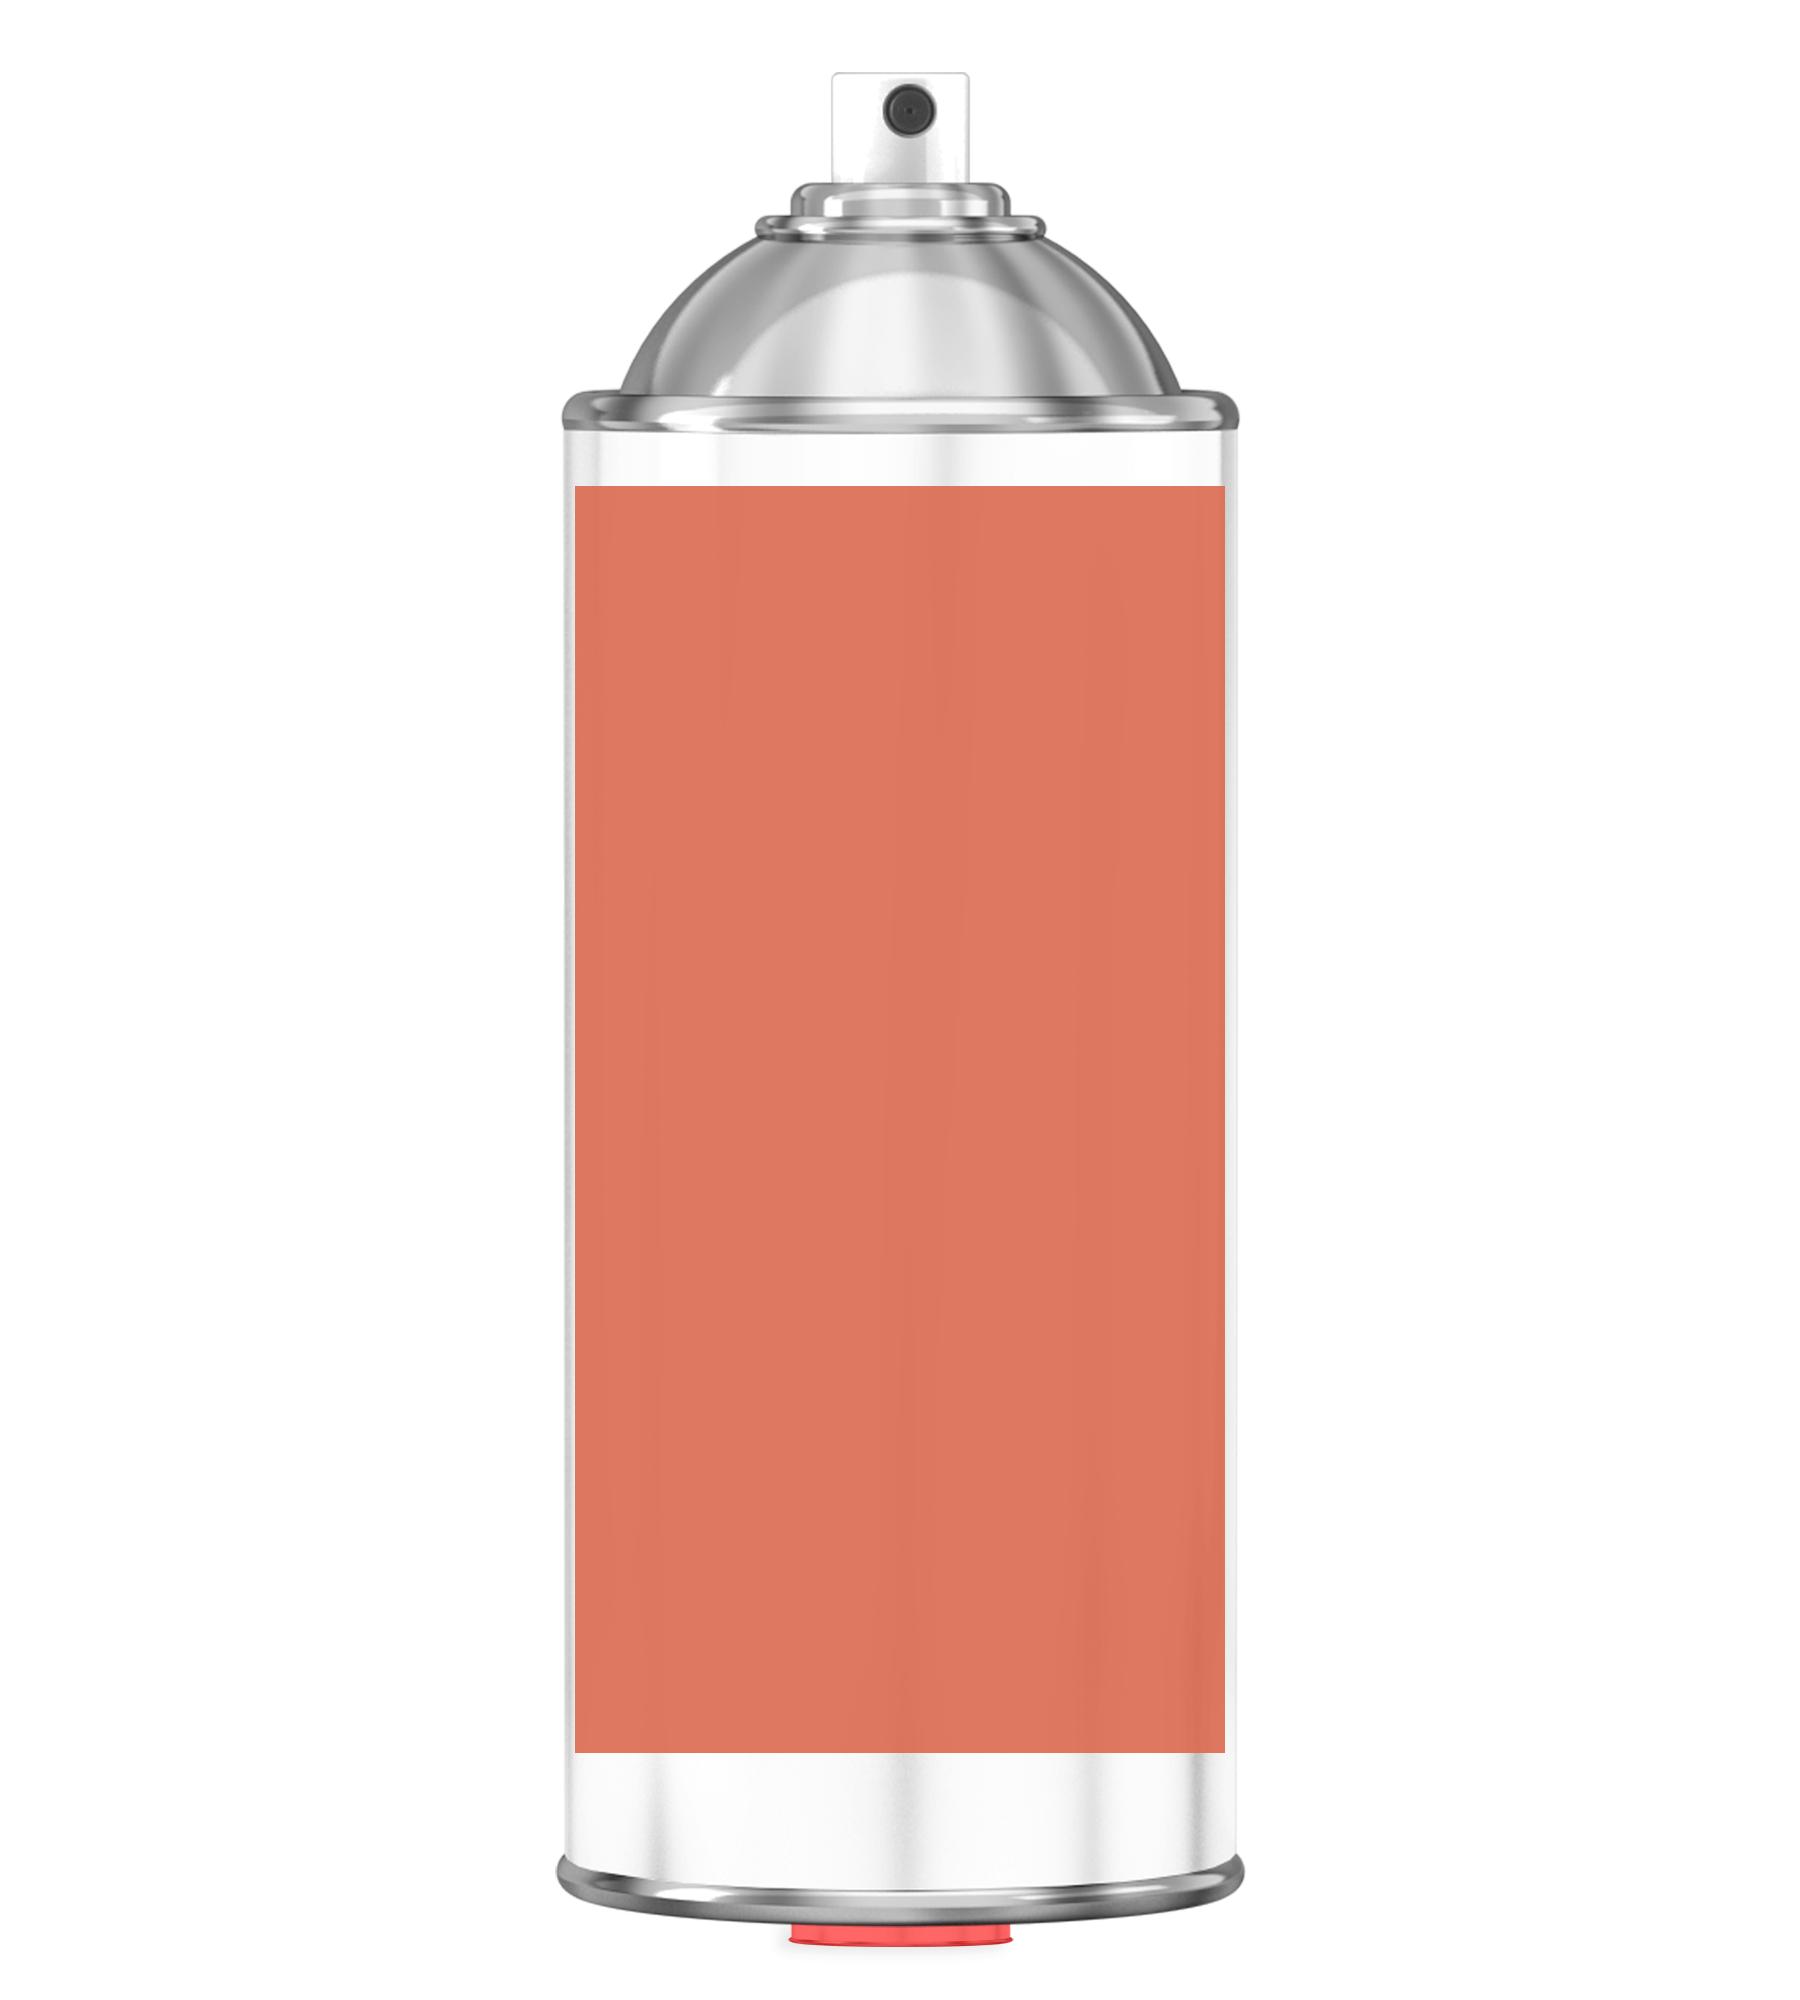 RAL 2012 Salmon orange Sprayburk 2K